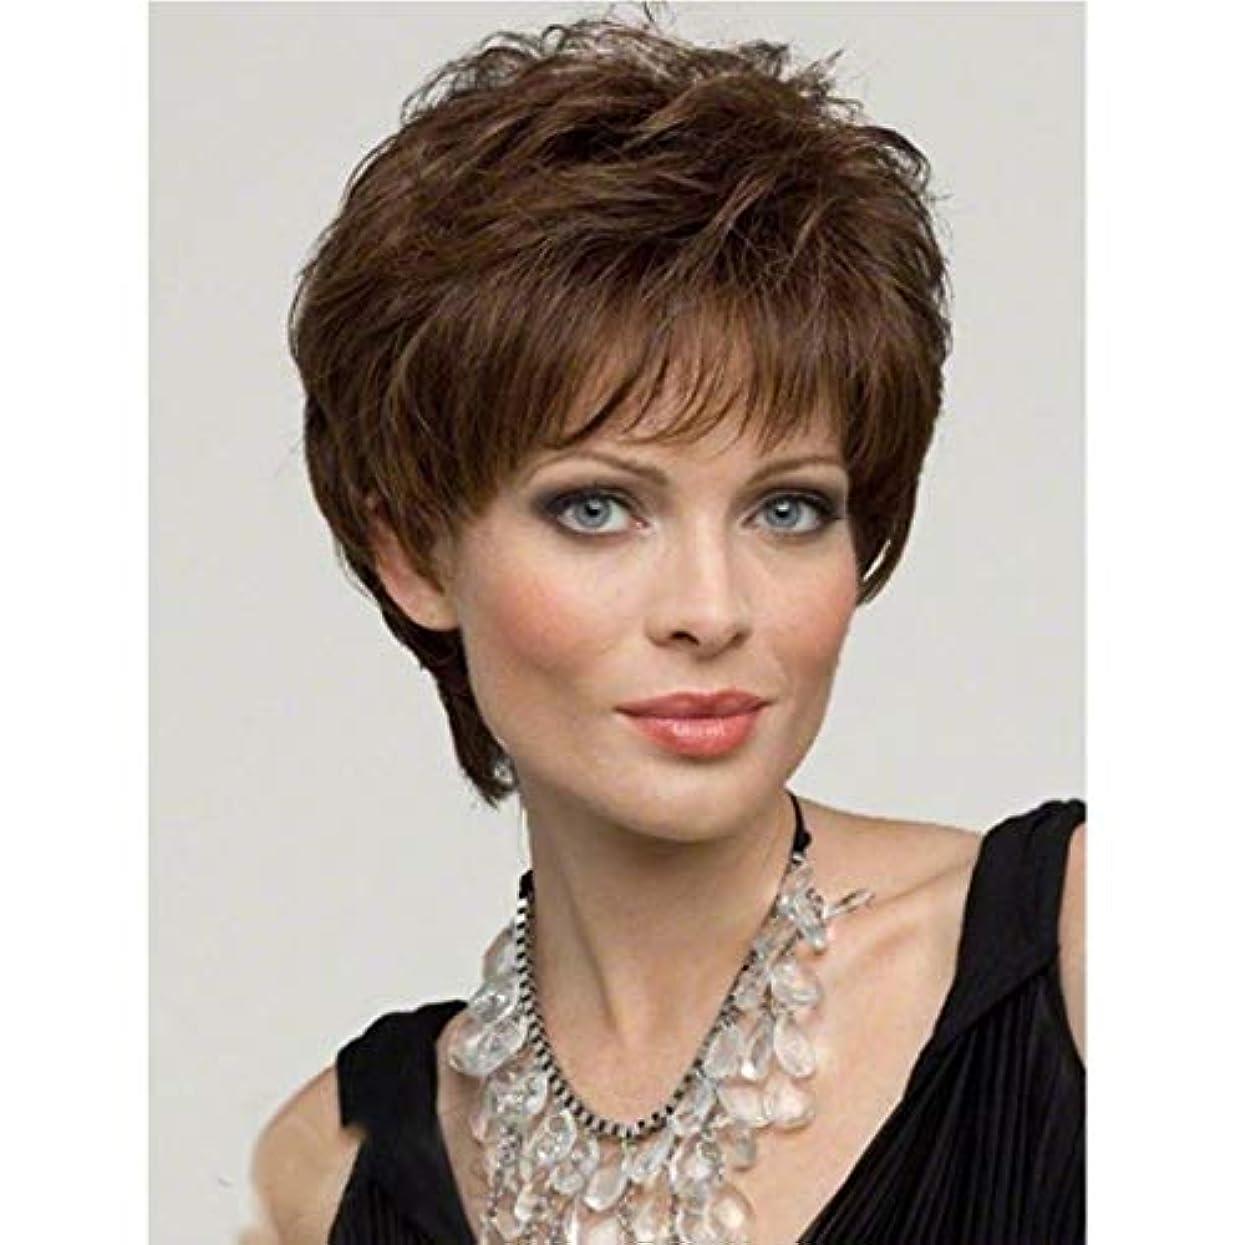 美容師墓奨励しますKerwinner 女性のための茶色のかつら短い巻き毛のかつら合成完全女性のかつら